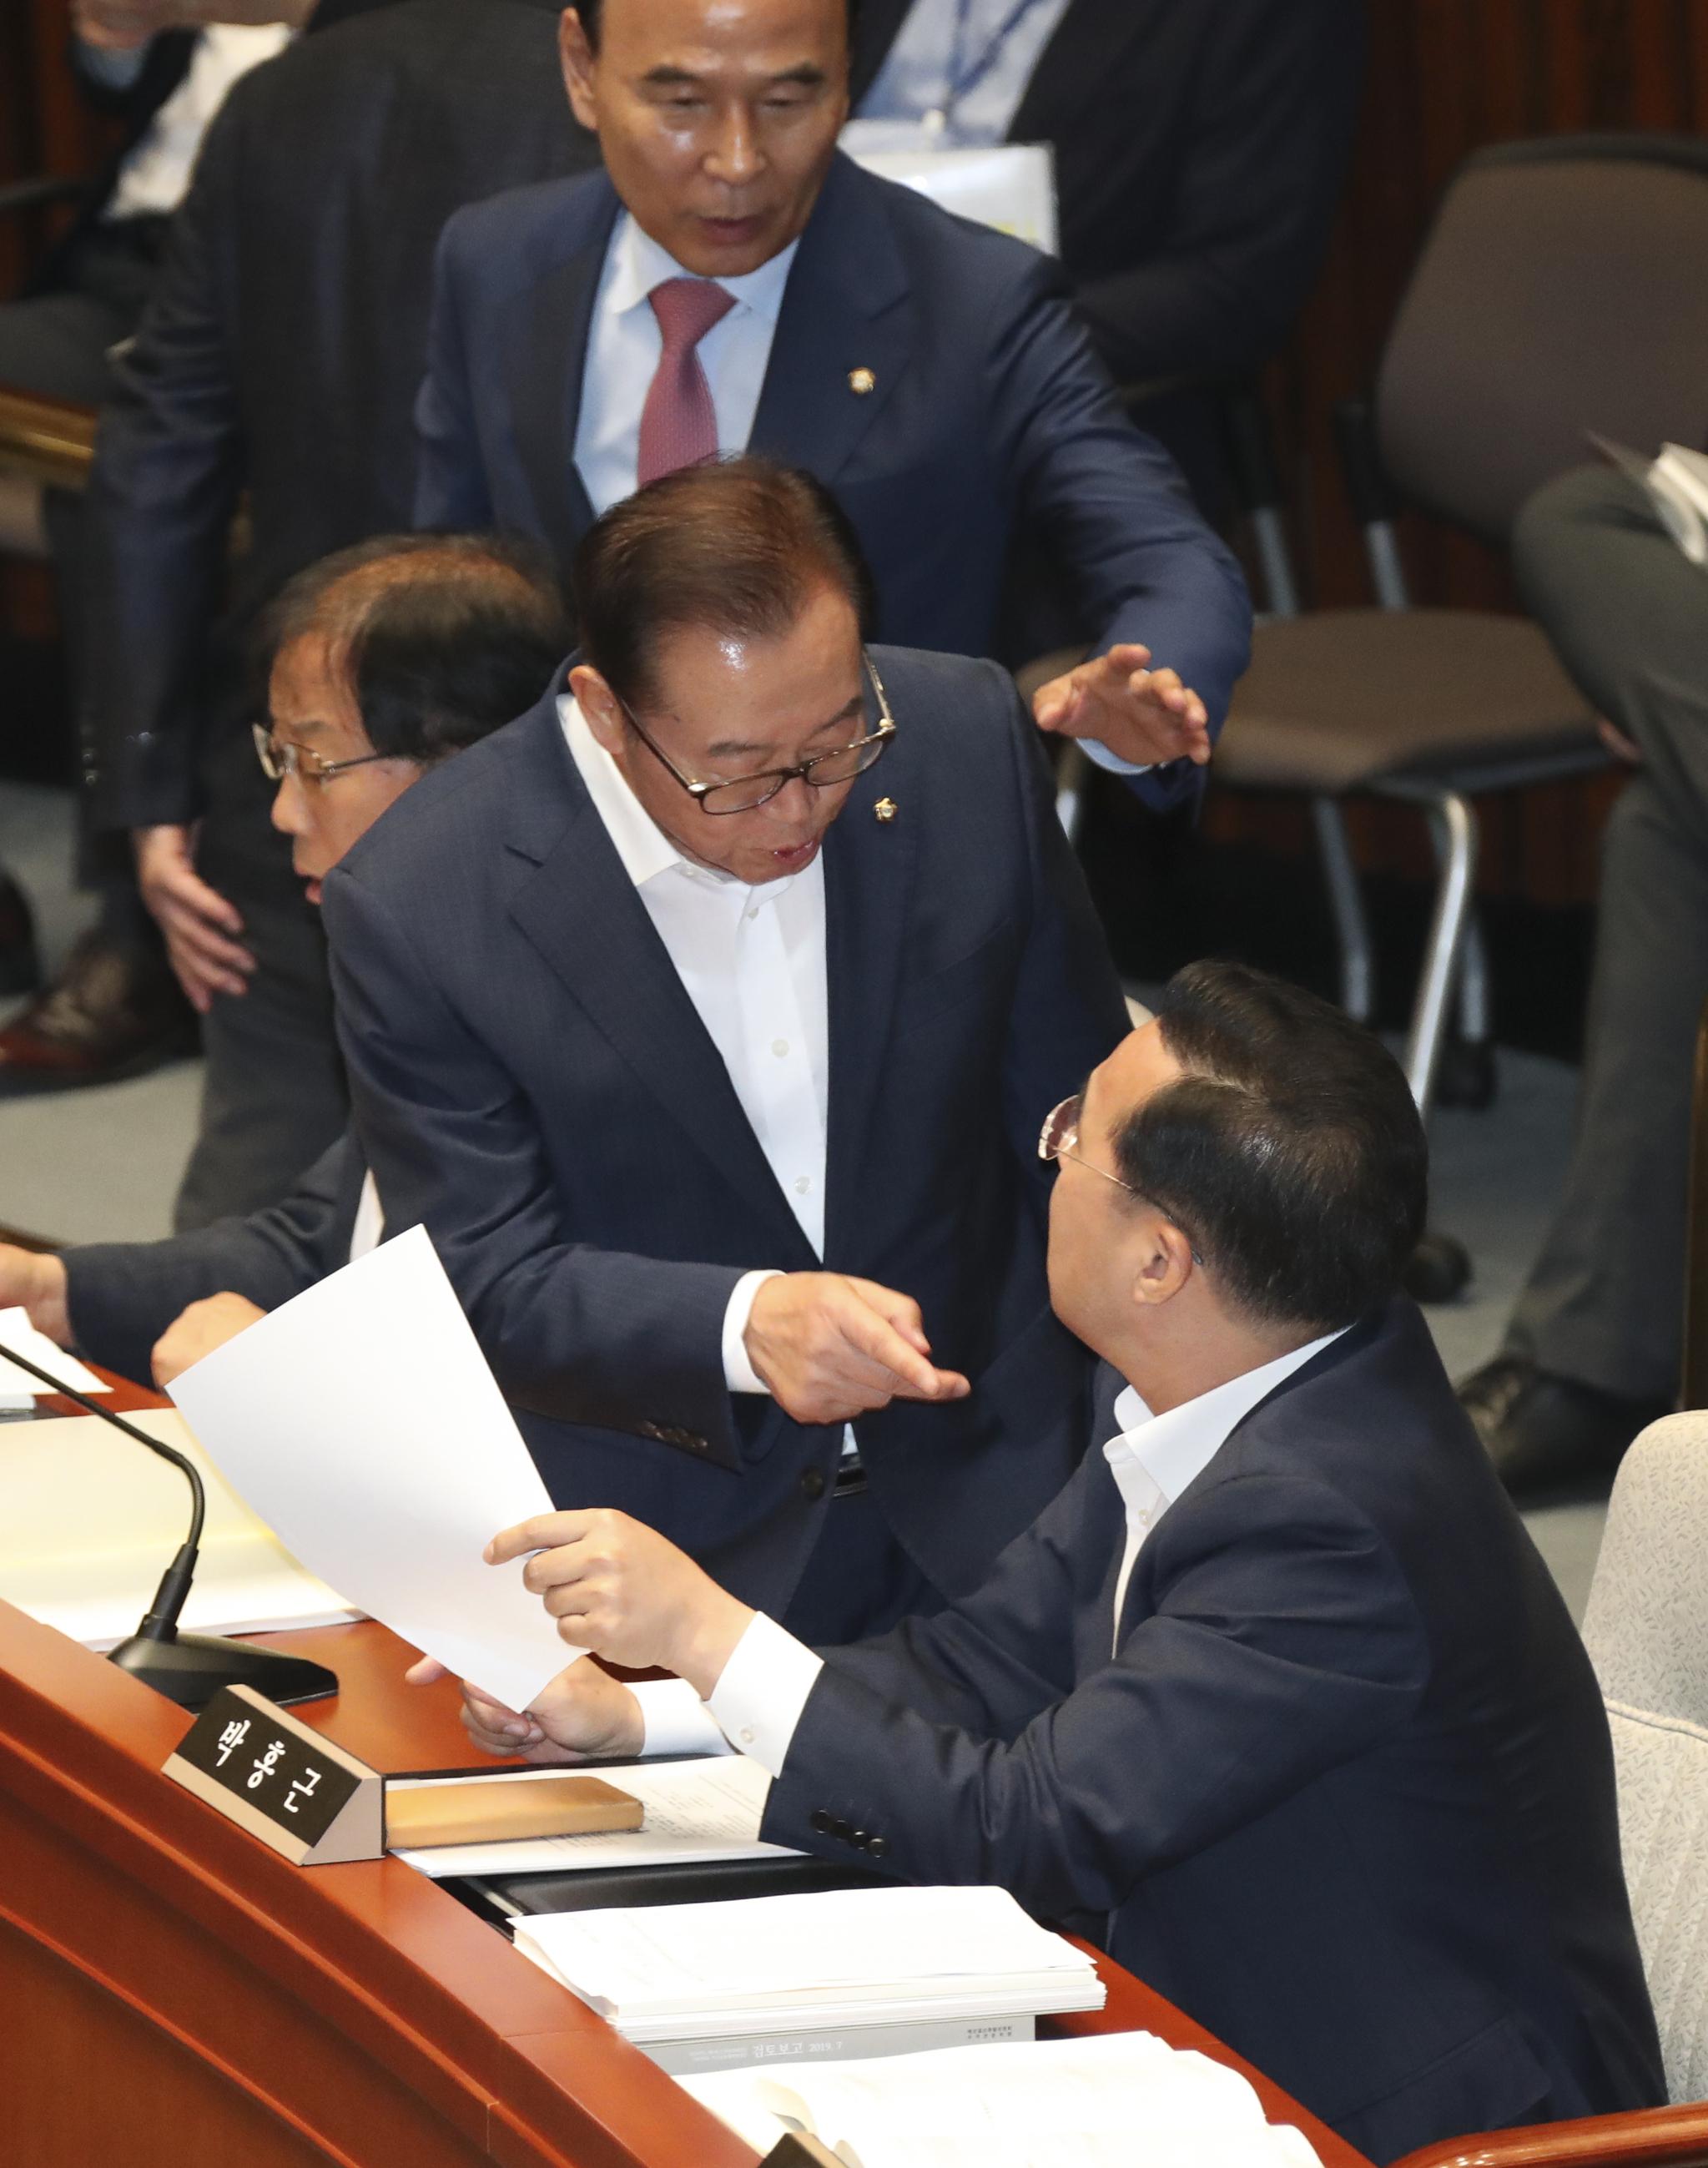 이종배 한국당 간사(가우데)가 박홍근 의원과 설전을 벌이고 있다.  임현동 기자